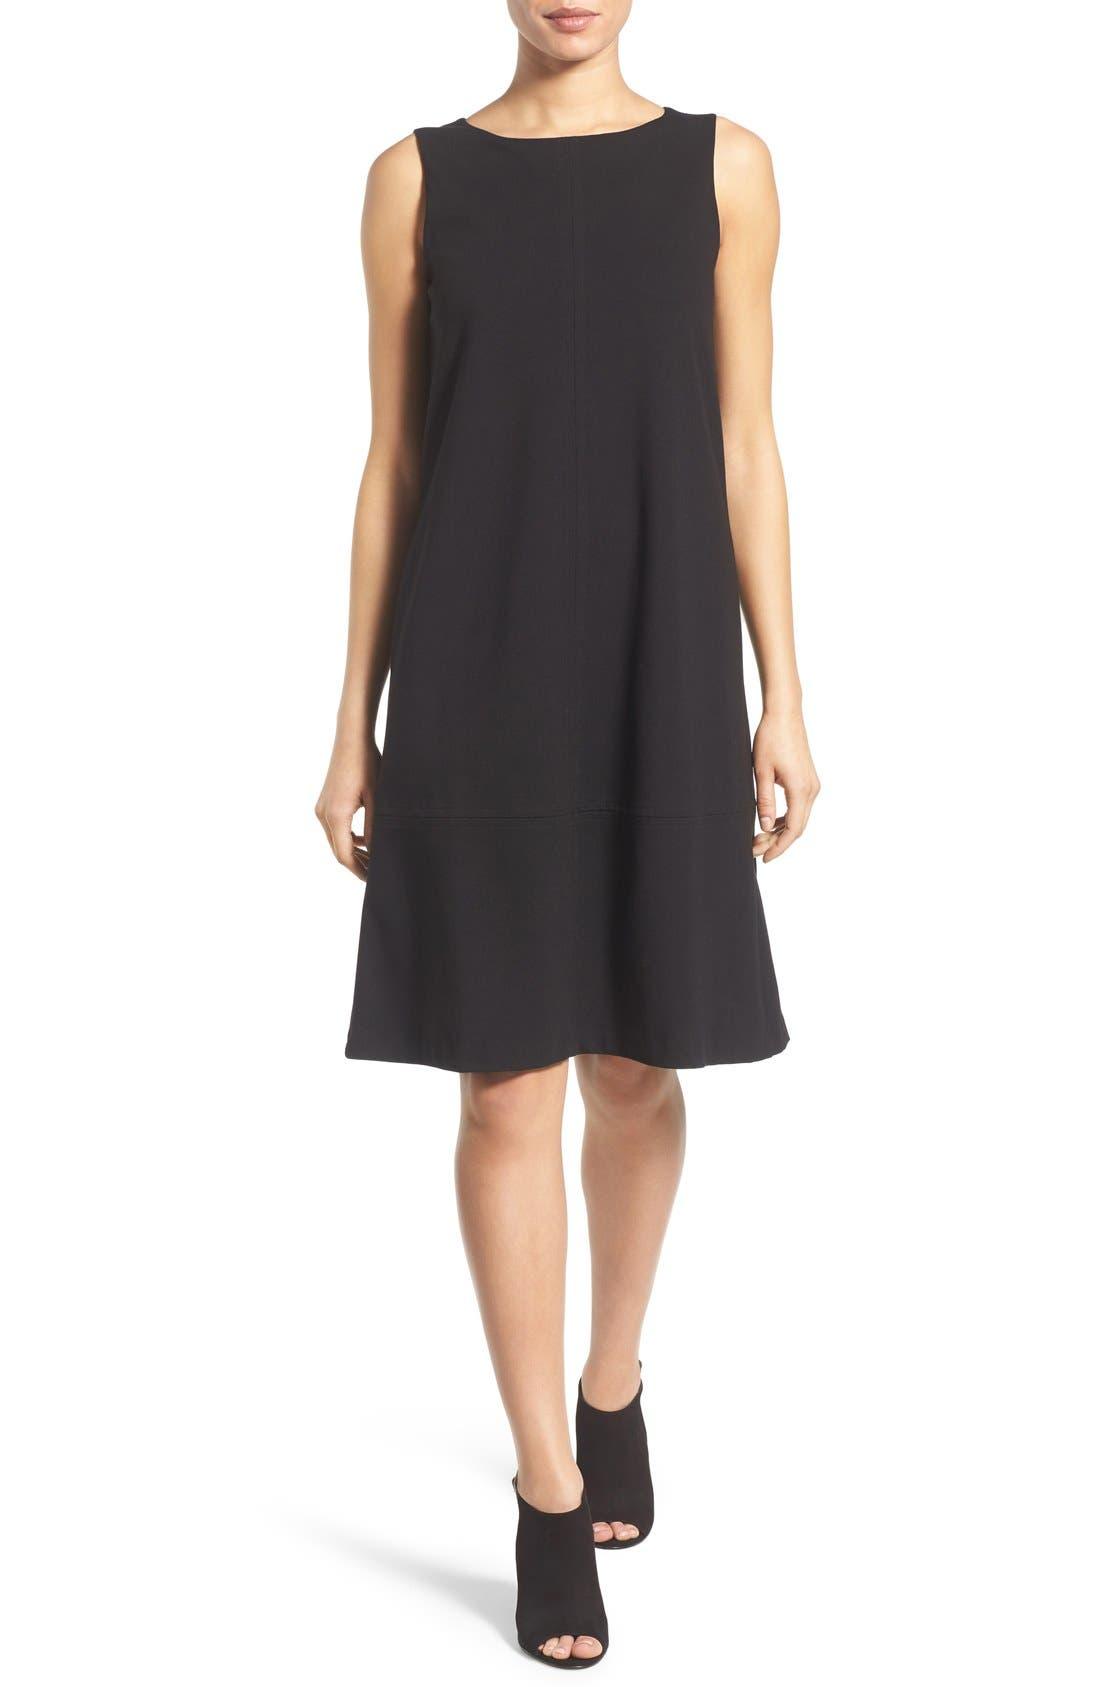 Alternate Image 1 Selected - Eileen Fisher Bateau Neck Drop Waist Shift Dress (Regular & Petite)